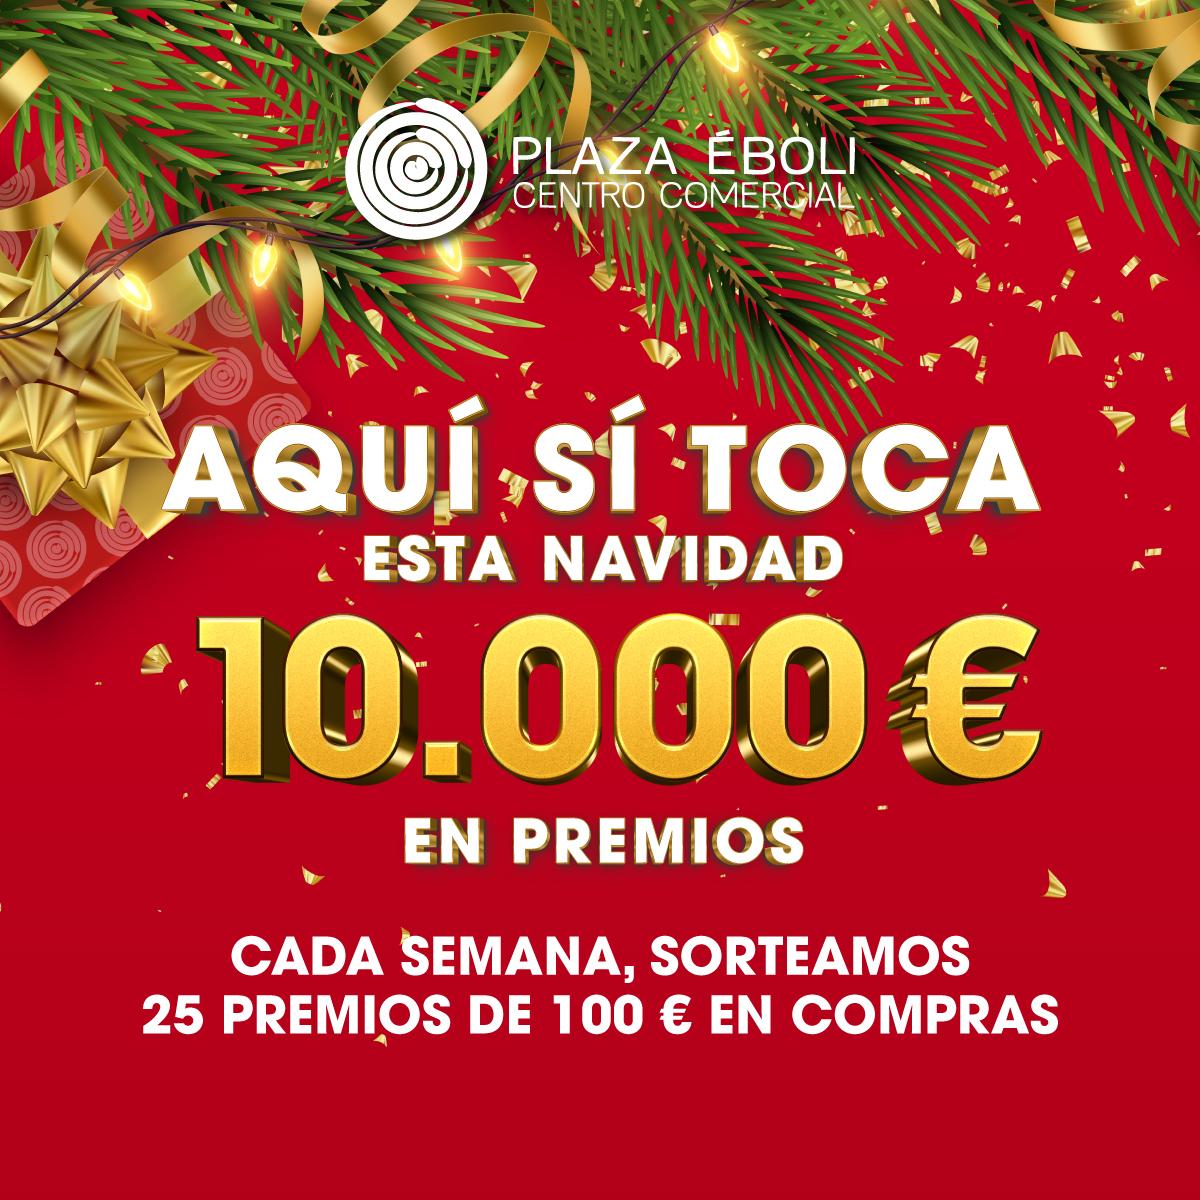 Este mes tus compras tienen PREMIO💥🎉 por presentar tu ticket de compra de cualquier establecimiento de #PlazaEboli, con un importe igual o superior a 30€ (50€ en el caso de @ELeclerc_Esp )  puedes llevarte100€ en compras 🤯 Info y bases aquí 👉https://t.co/NAIP0LwzMm https://t.co/VCn1Su5MVP